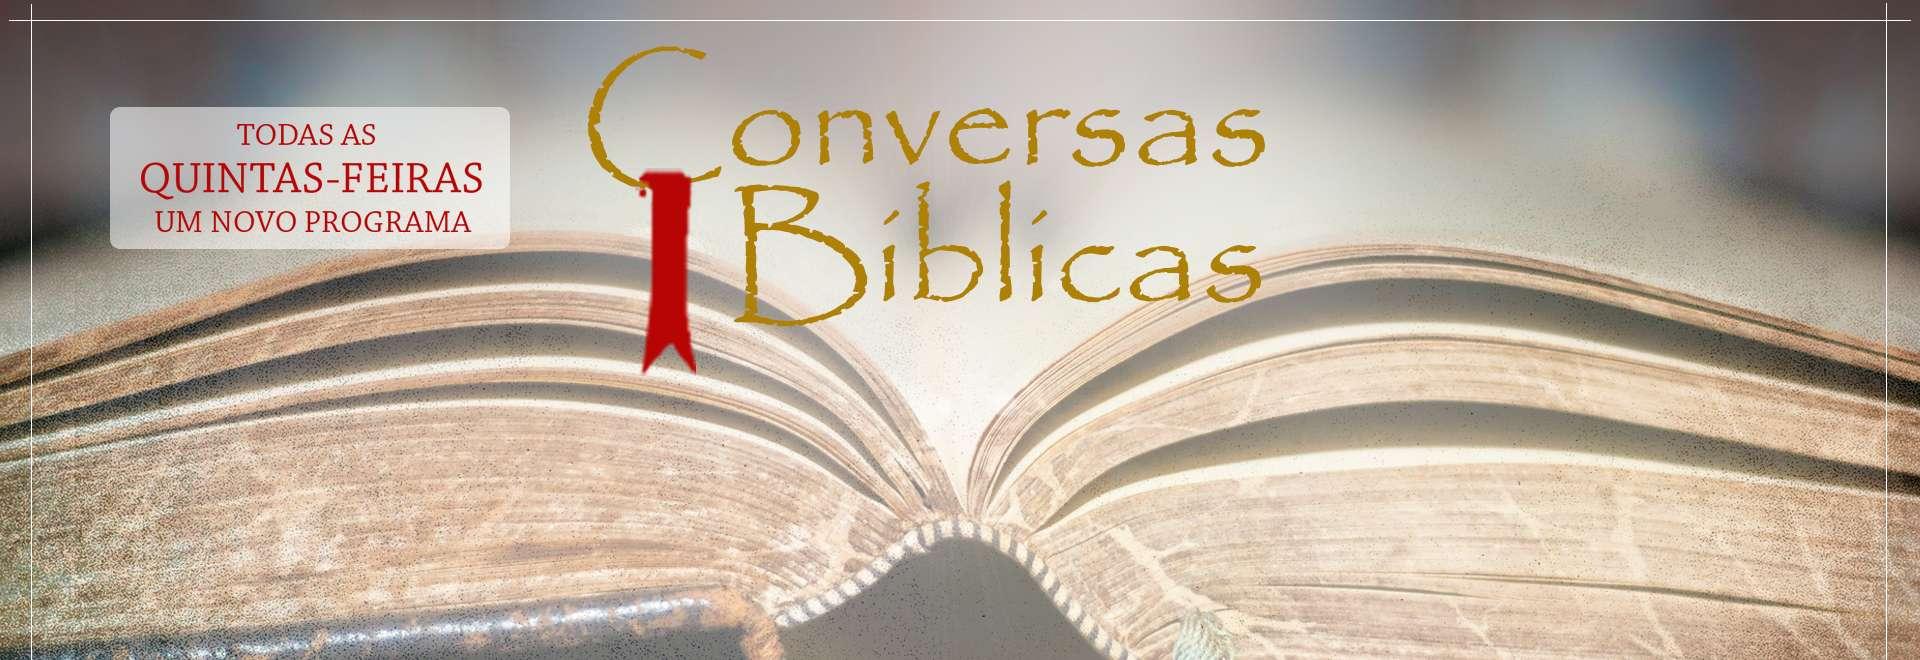 Conversas Bíblicas: Israel e a igreja - Parte 2